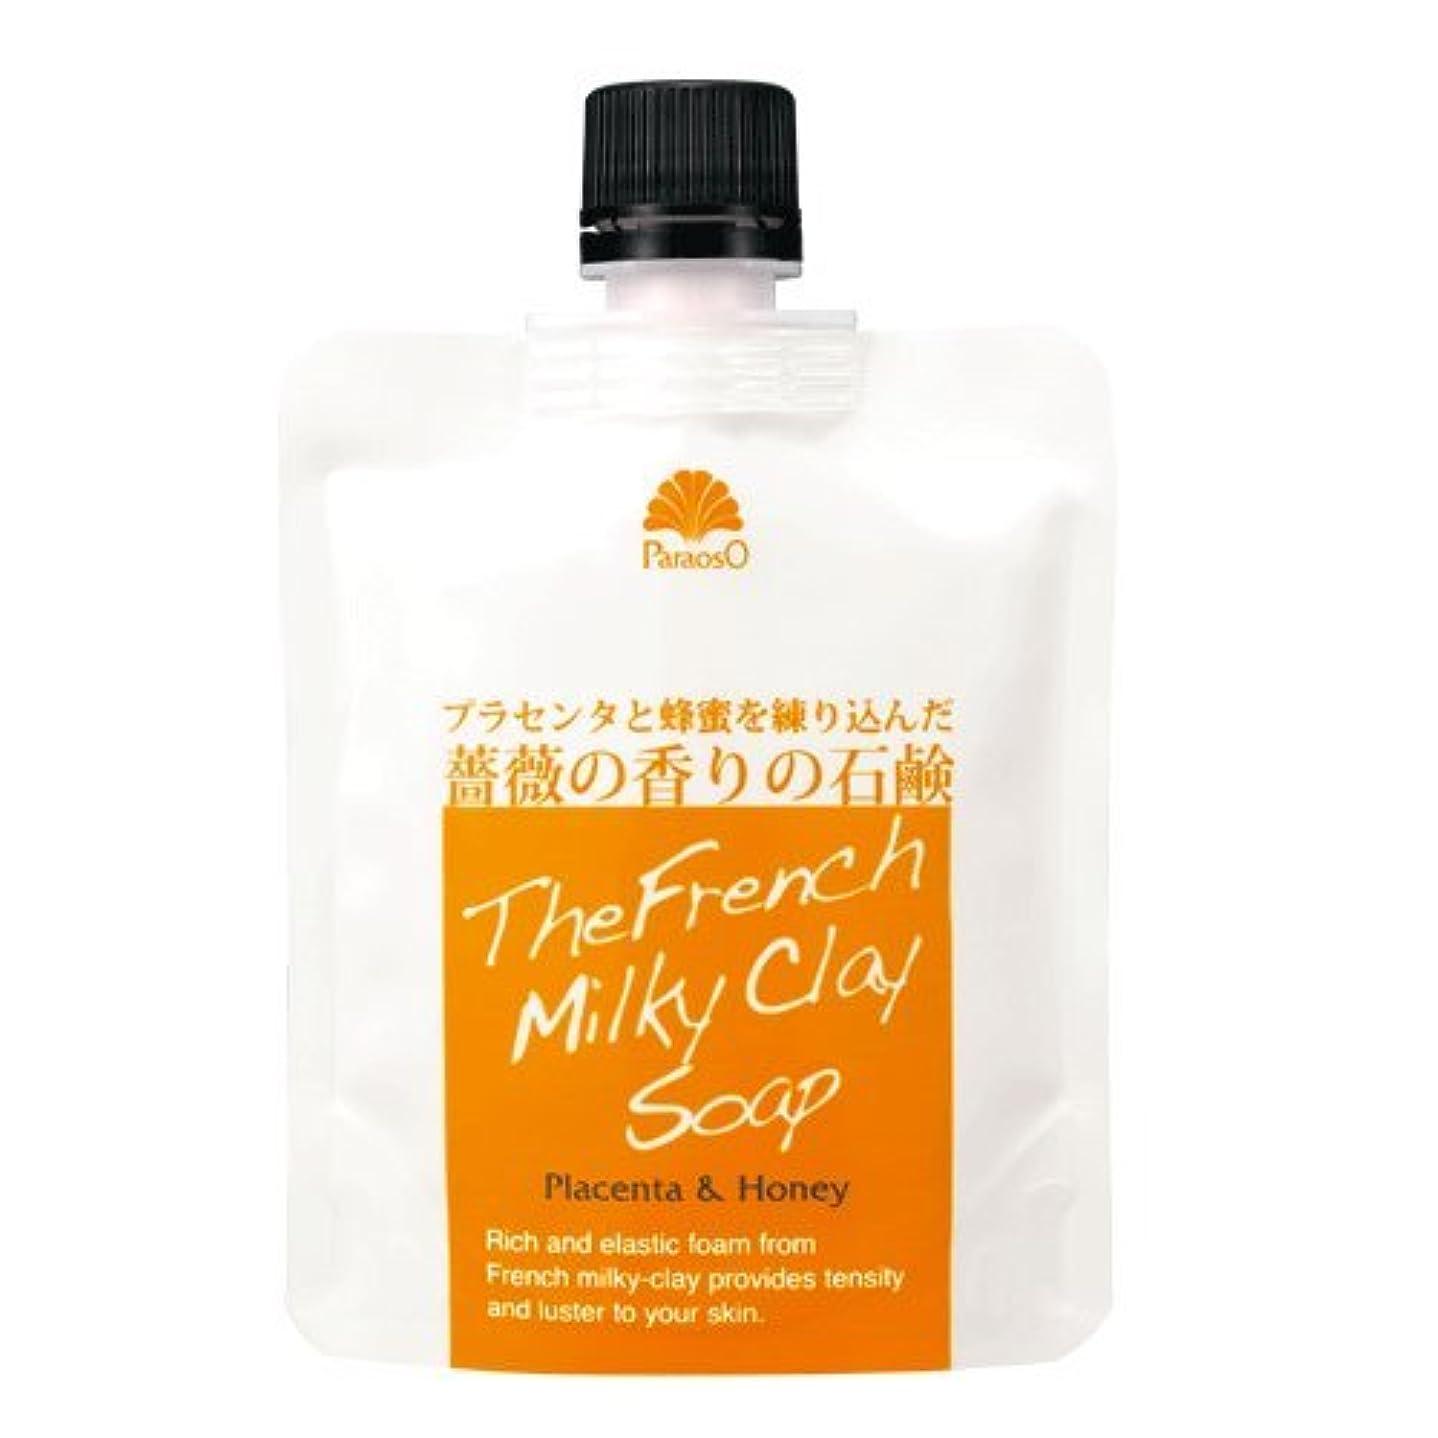 手足比較鳴らすプラセンタと蜂蜜を練り込んだ薔薇の香りの生石鹸 パラオソフレンチクレイソープ 1個